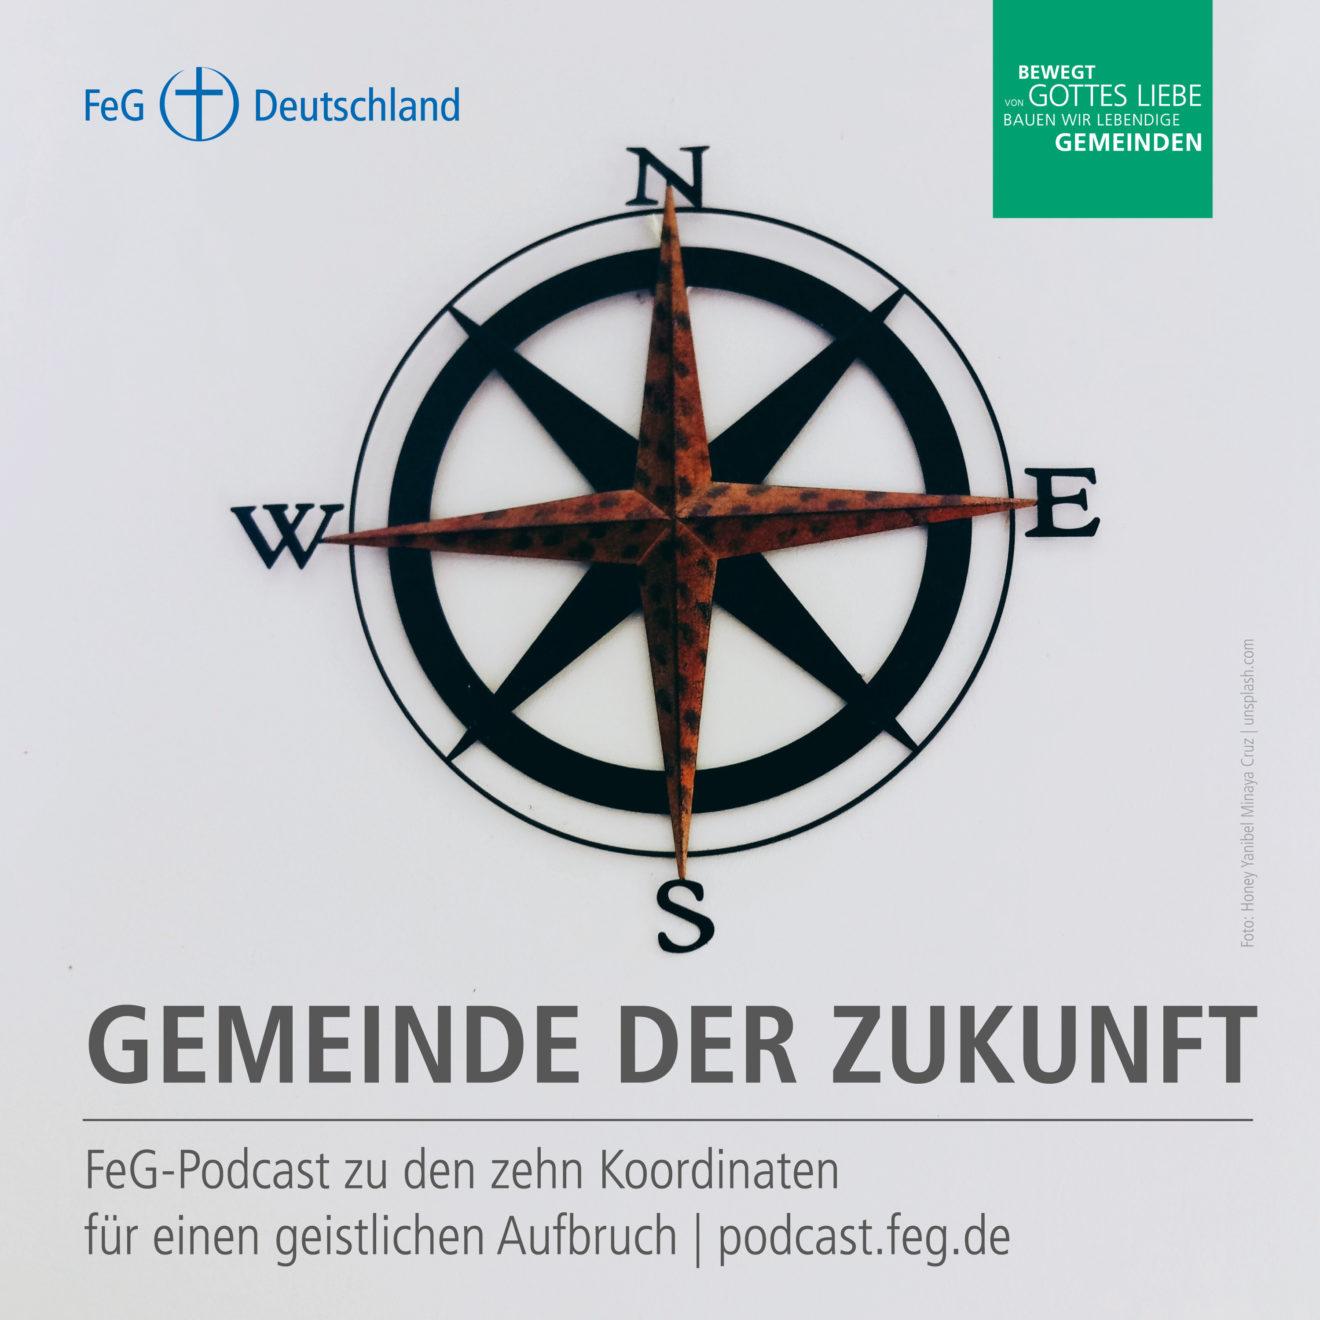 FeG-Podcast | Gemeinde der Zukunft